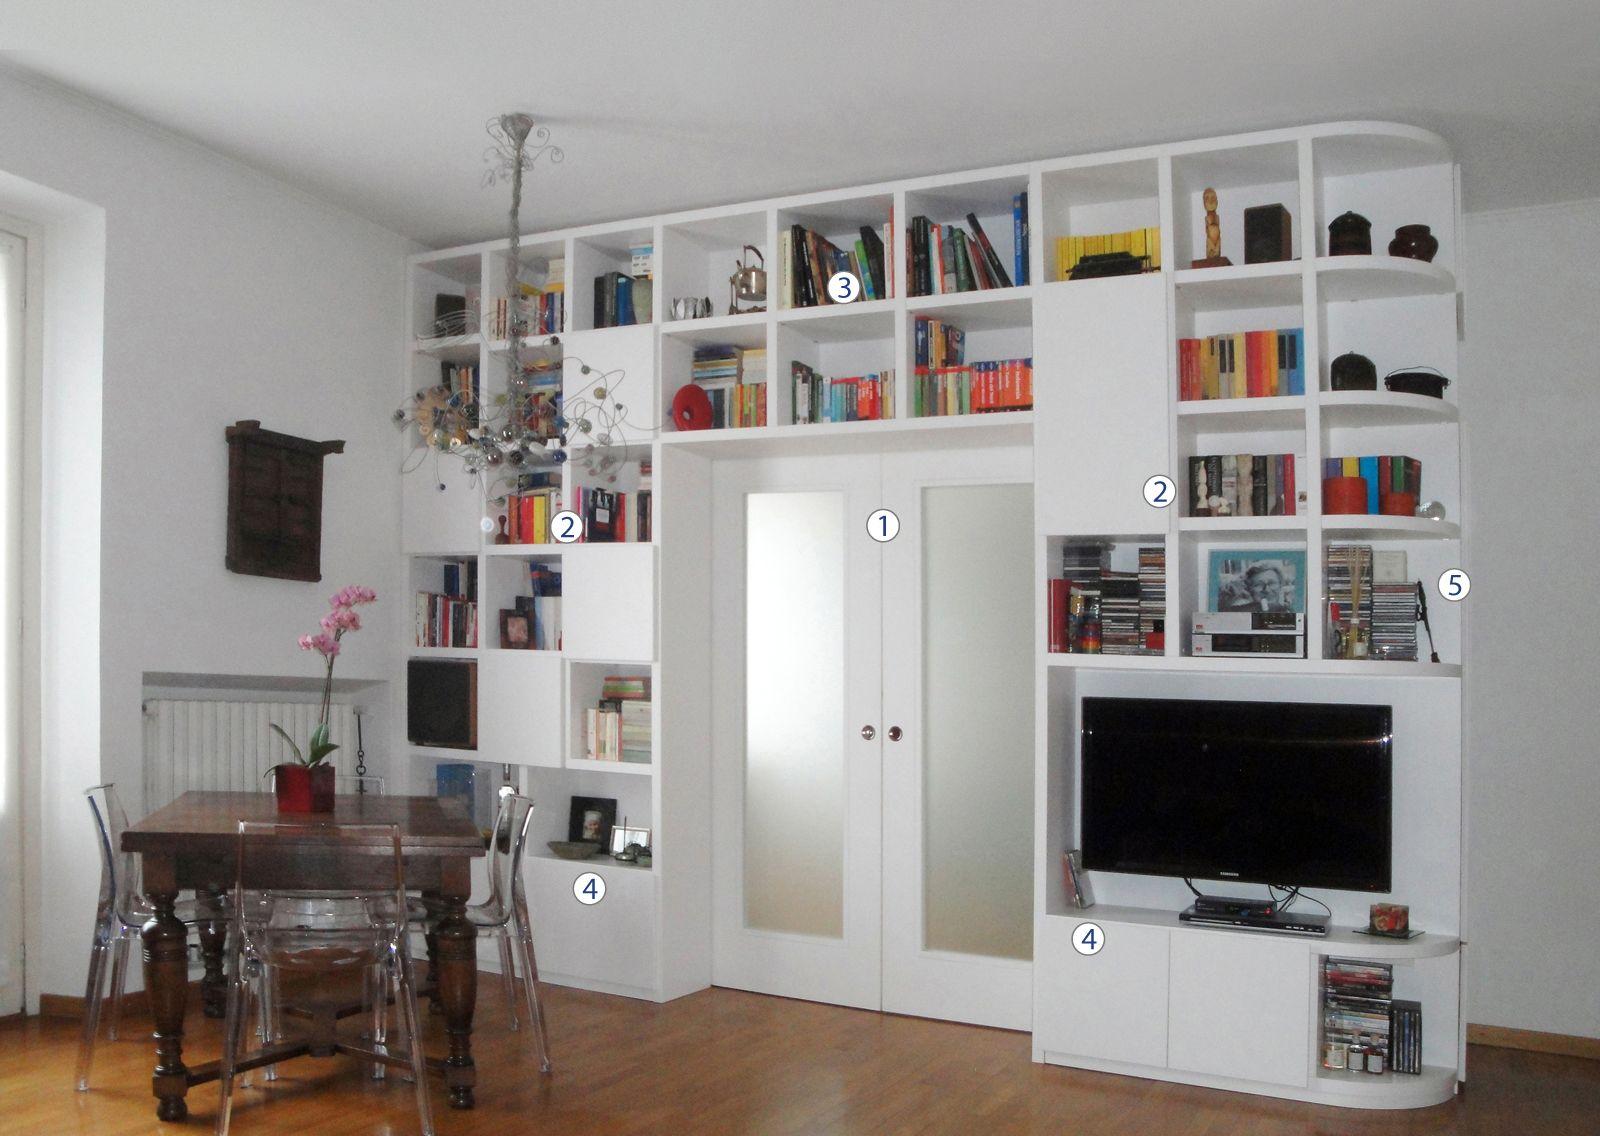 Separare cucina e soggiorno con un mobile a ponte sulla porta | House